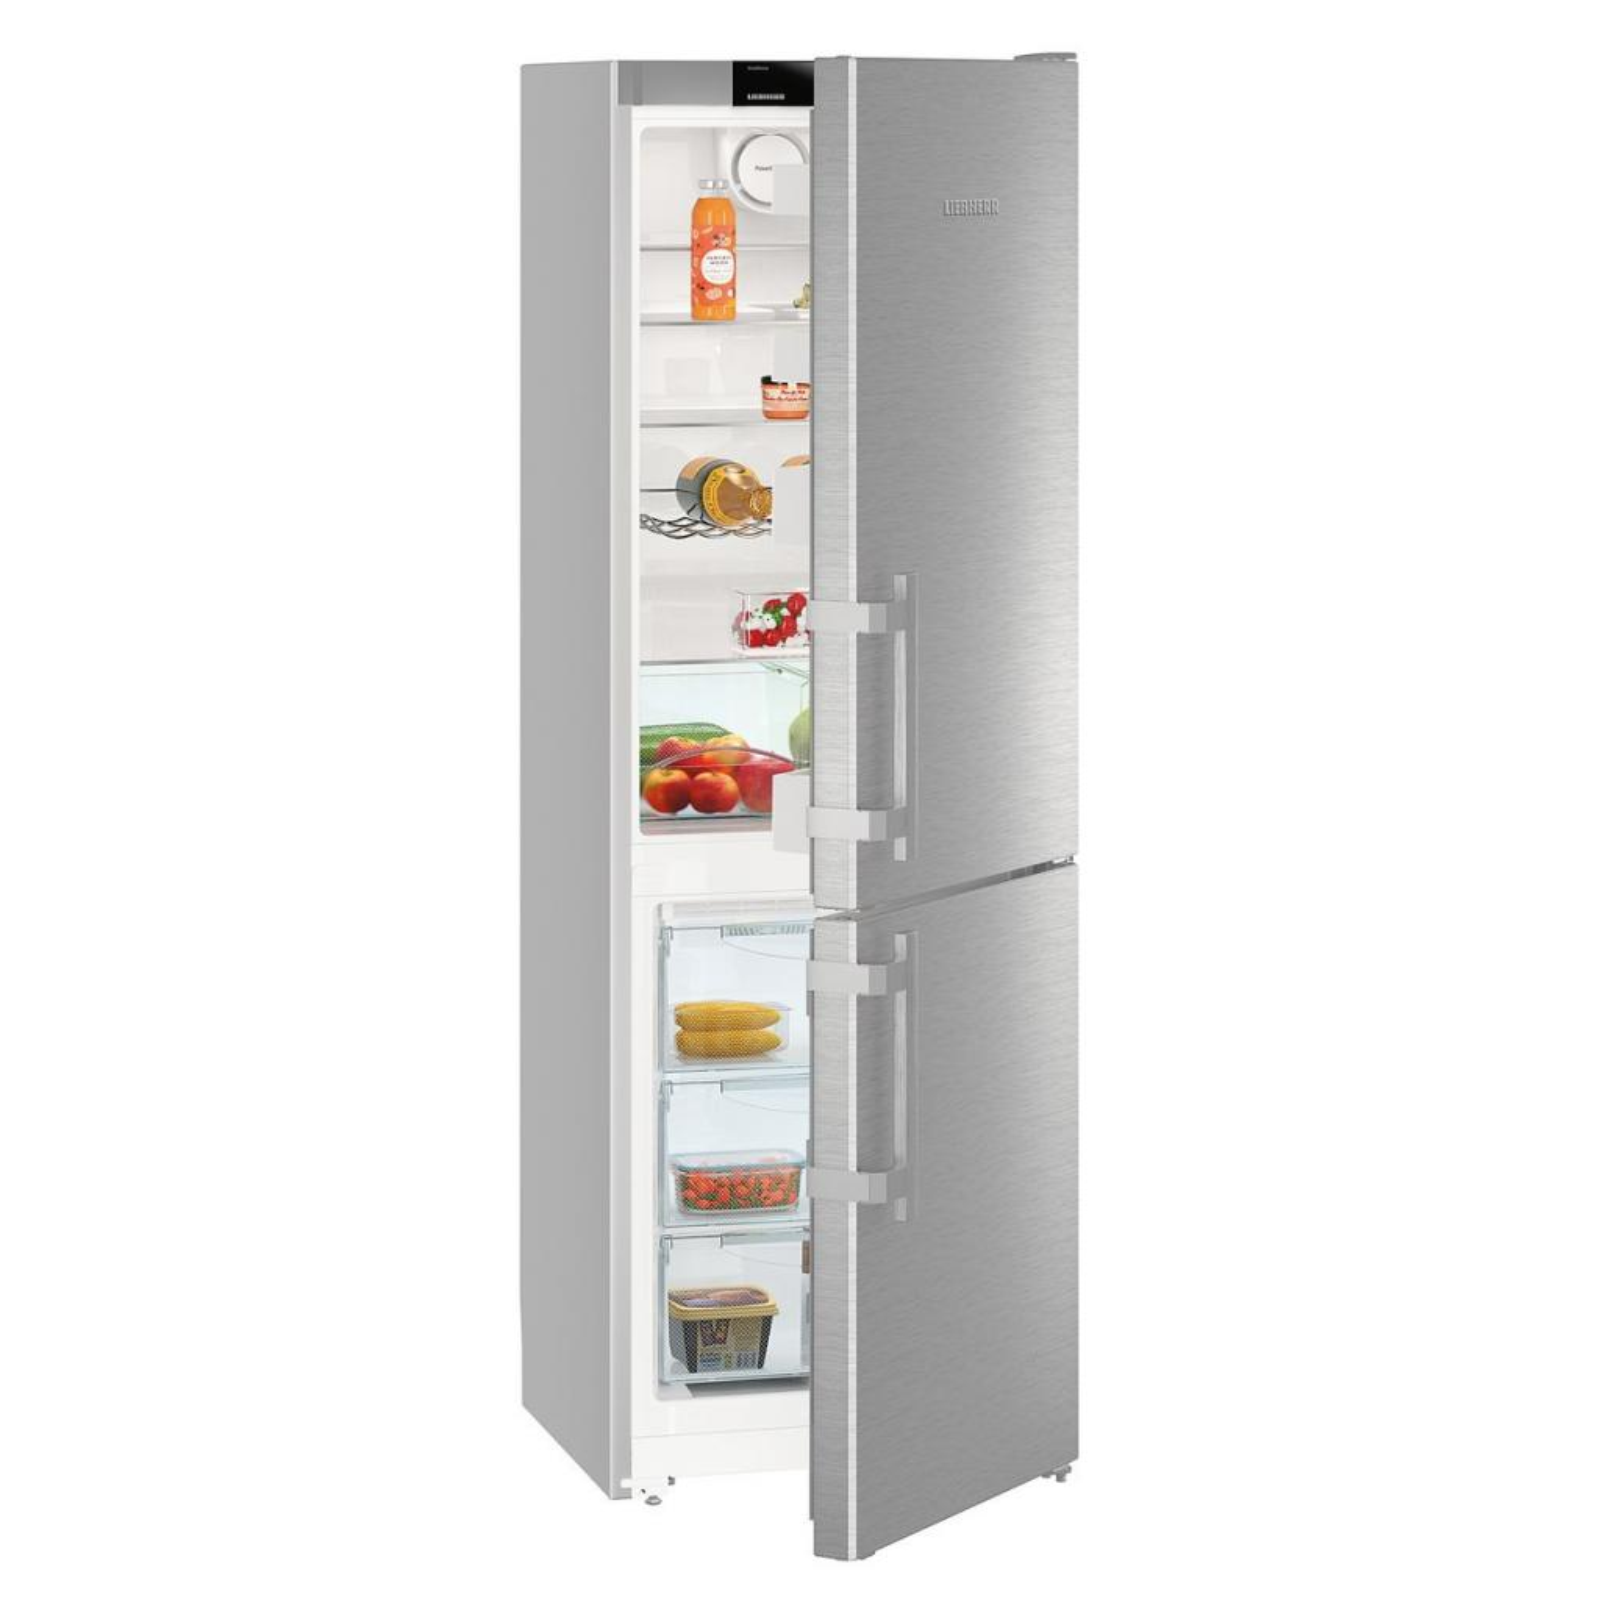 Холодильник Liebherr CNef 3515 изображение 5